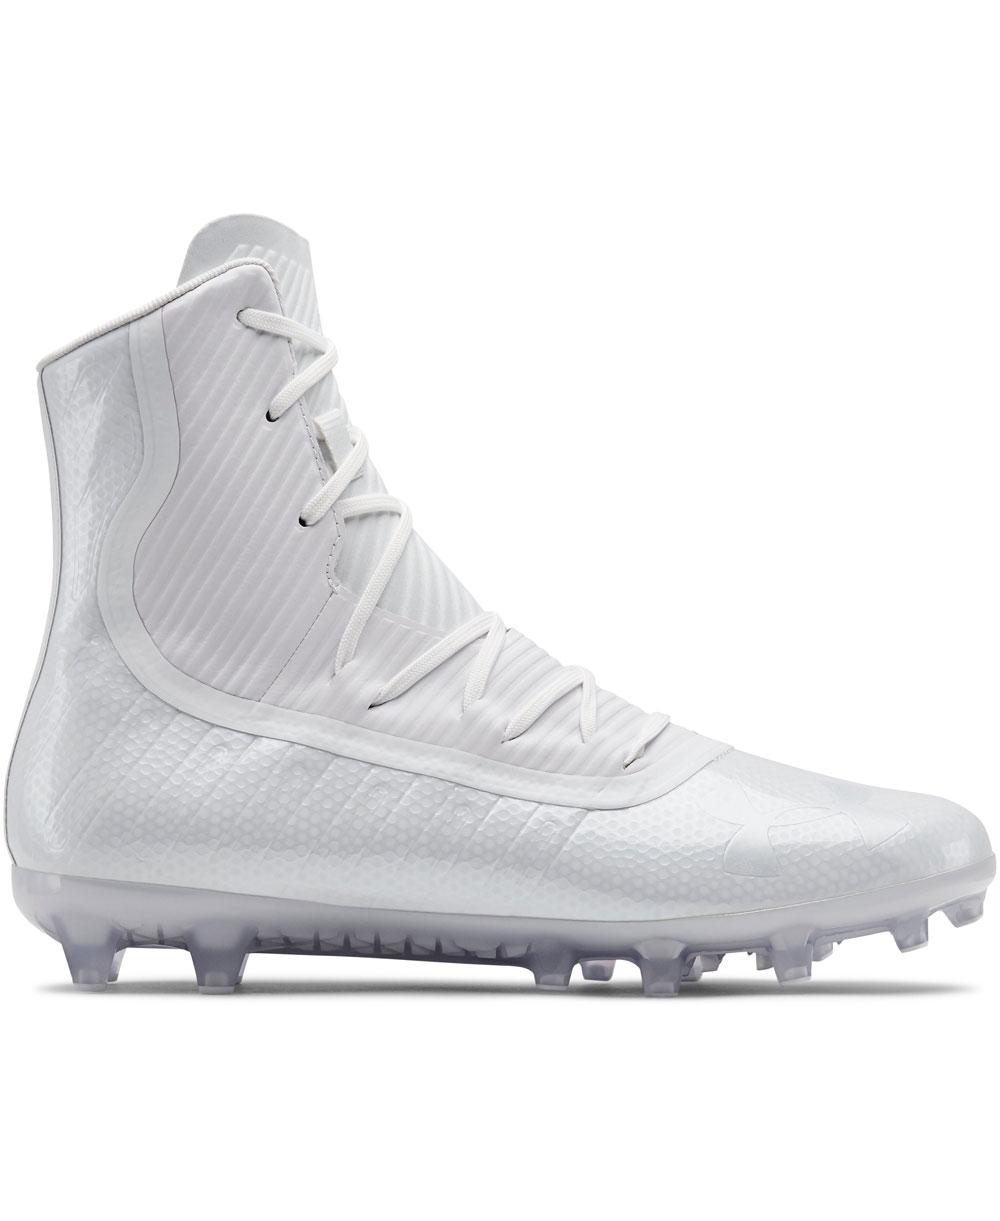 Fútbol Hombre Para White Zapatos Highlight De 101 Americano Mc HE2IW9D